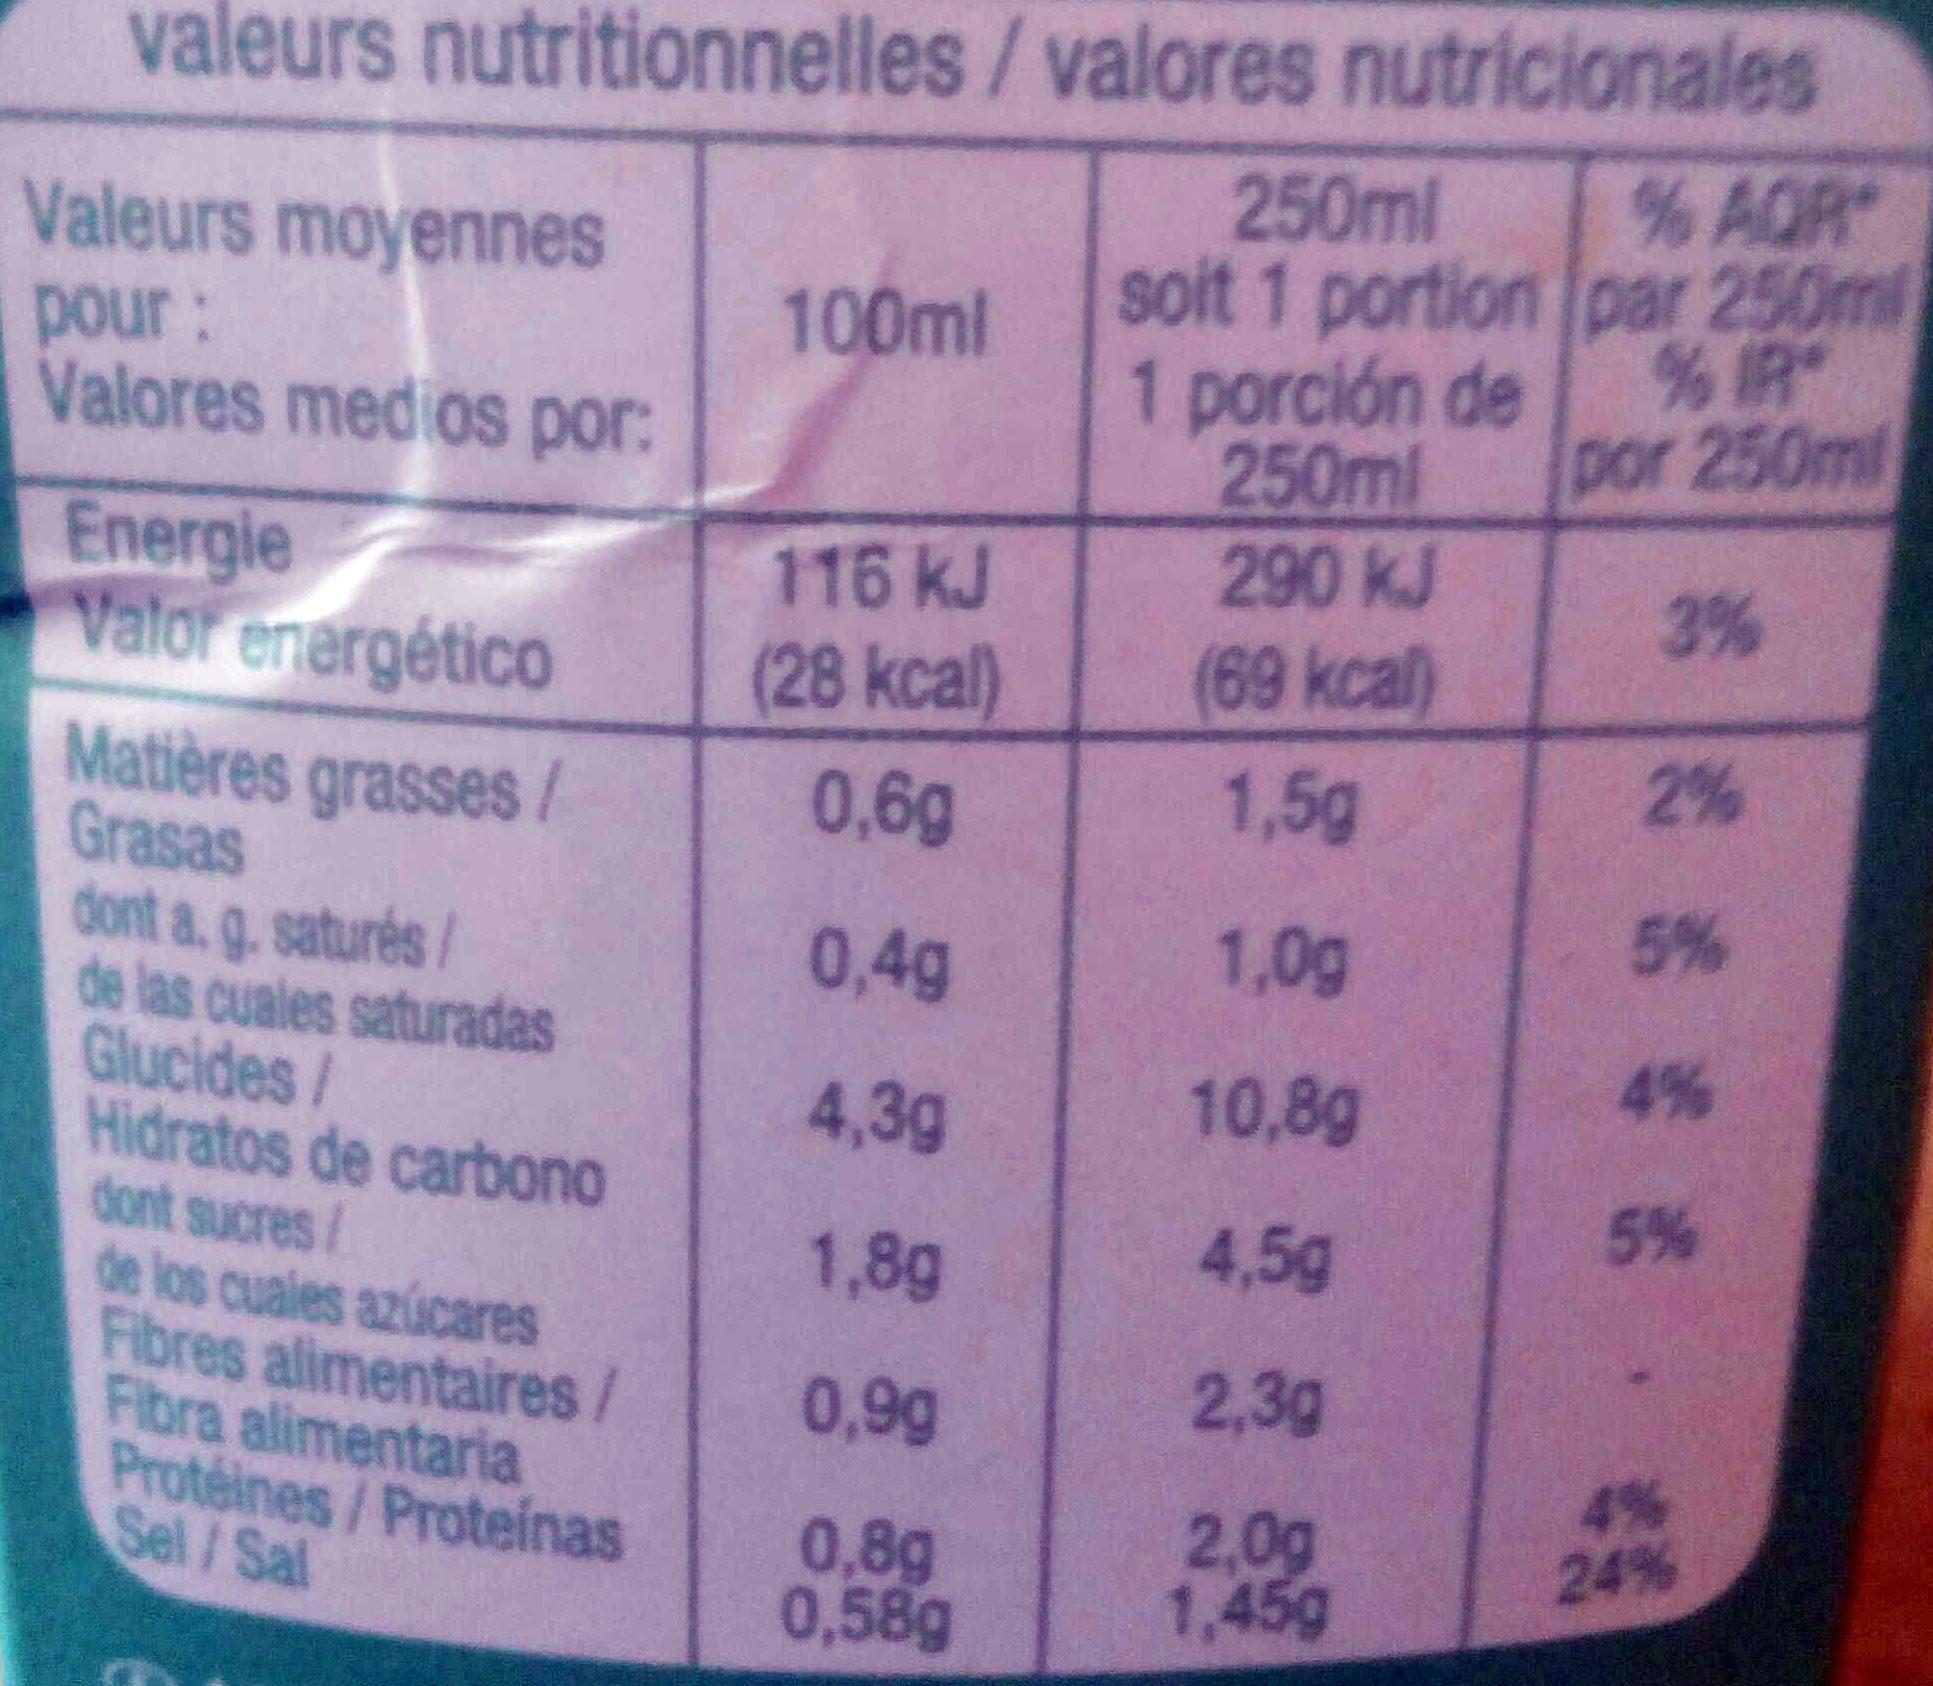 Velouté de poireaux pommes de terre - Nutrition facts - fr